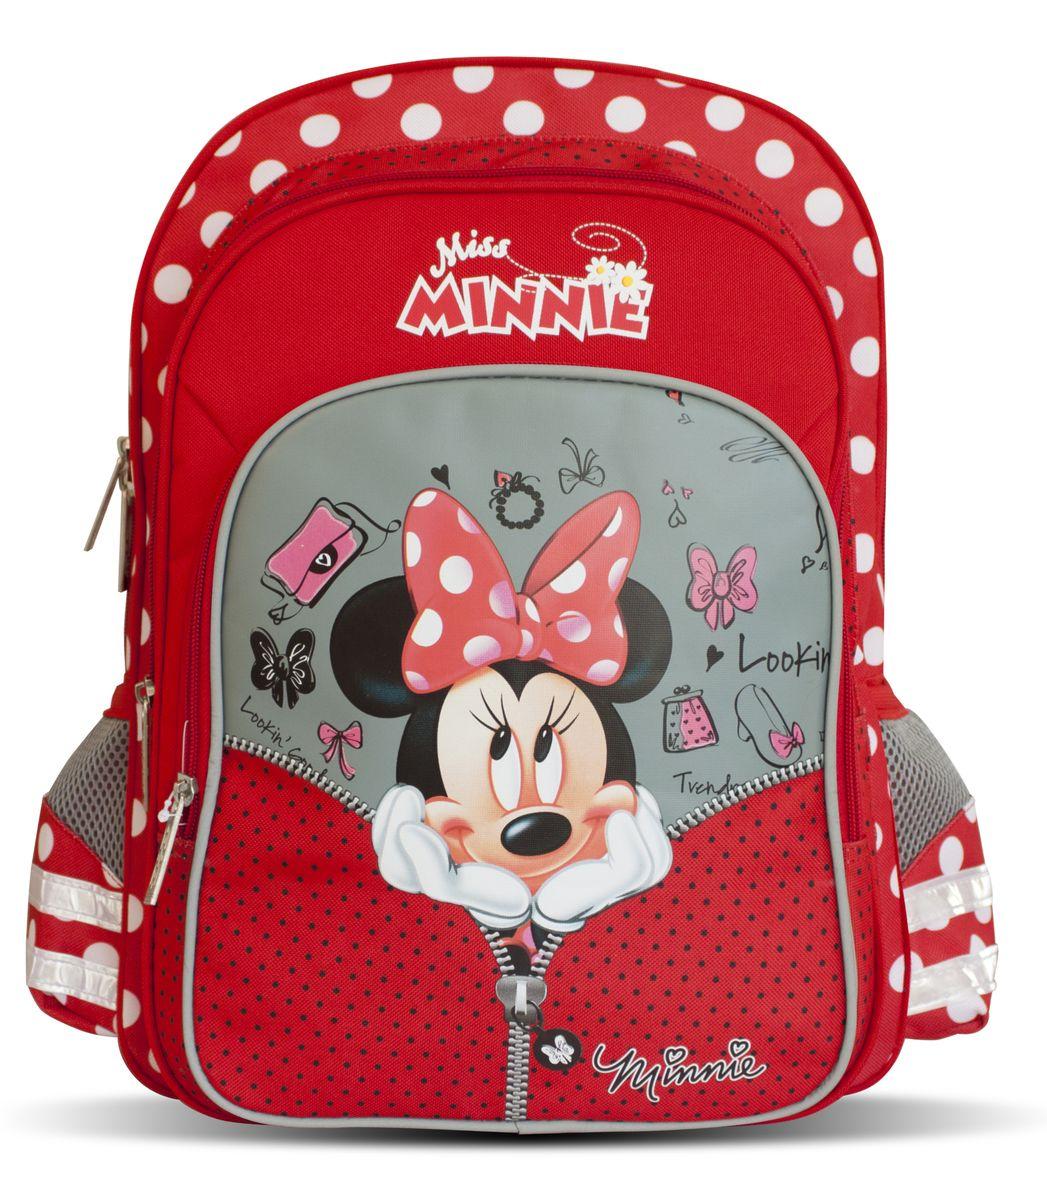 Disney Рюкзак детский Miss Minnie29134Детский рюкзак Disney Miss Minnie идеален для начальной школы. Рюкзак имеет одно вместительное отделение, закрывающееся на застежку-молнию. Внутри отделения находится мягкая перегородка для учебников или тетрадей, которая фиксируется хлястиком на липучке. Дно рюкзака можно сделать более устойчивым, разложив специальную панель. На лицевой стороне размещается большой карман на молнии, внутри которого находятся четыре небольших открытых кармашка. За этим карманом располагается еще один карман на молнии, подходящий для тетрадей формата А4. Два боковых кармашка на резинках пригодятся для мелких предметов. Удобная ортопедическая спинка, созданная по специальной технологии из дышащего плотного и мягкого поролона, равномерно распределяет нагрузку на позвоночник. Мягкие анатомические регулируемые лямки оберегают плечи ребенка от натирания. Светоотражающие элементы, расположенные на лямках и карманах, повышают безопасность ребенка на дороге в темное время суток. Рюкзак имеет...